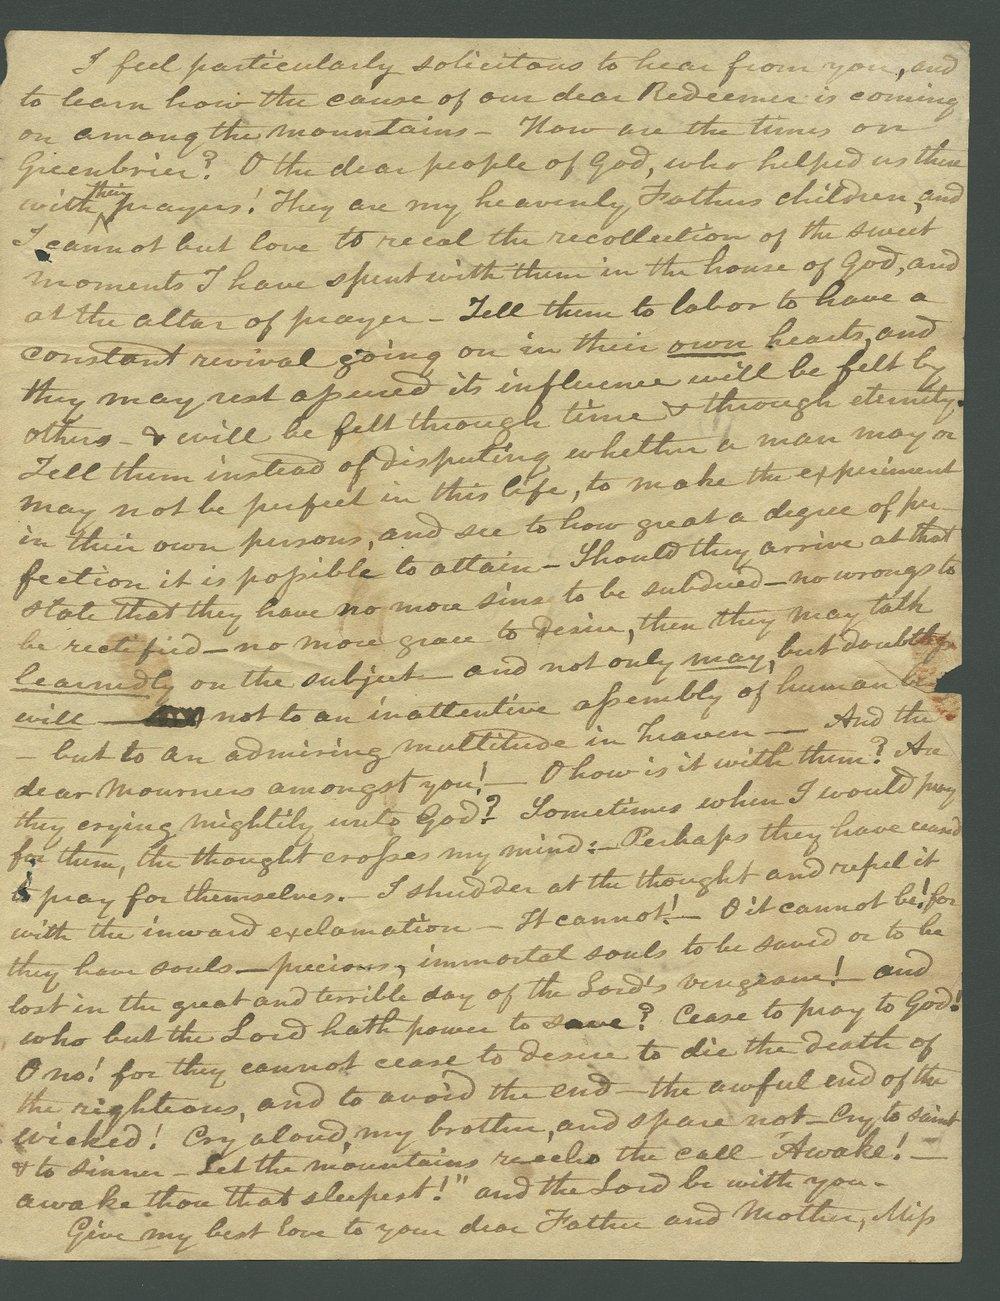 Joseph L. Baker to Lewis Allen Alderson - 3